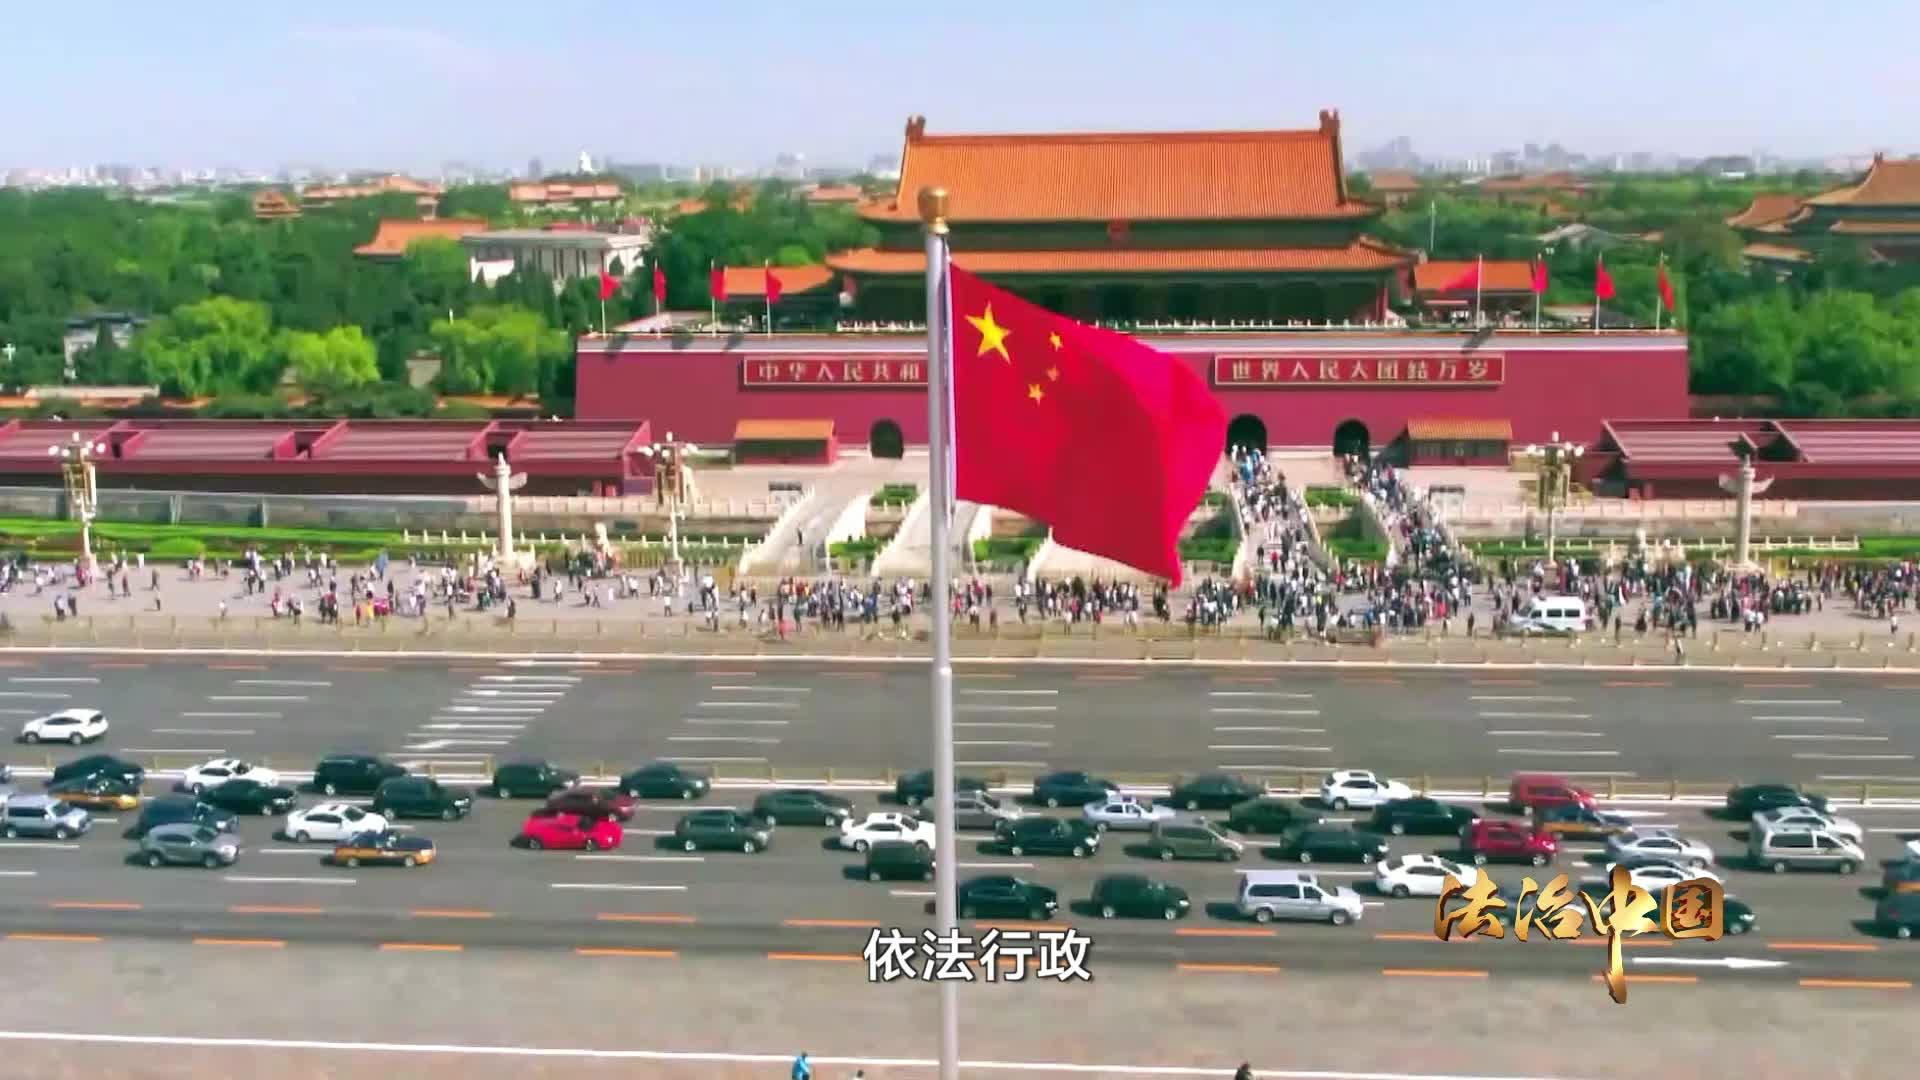 《法治中国》第三集《依法行政》